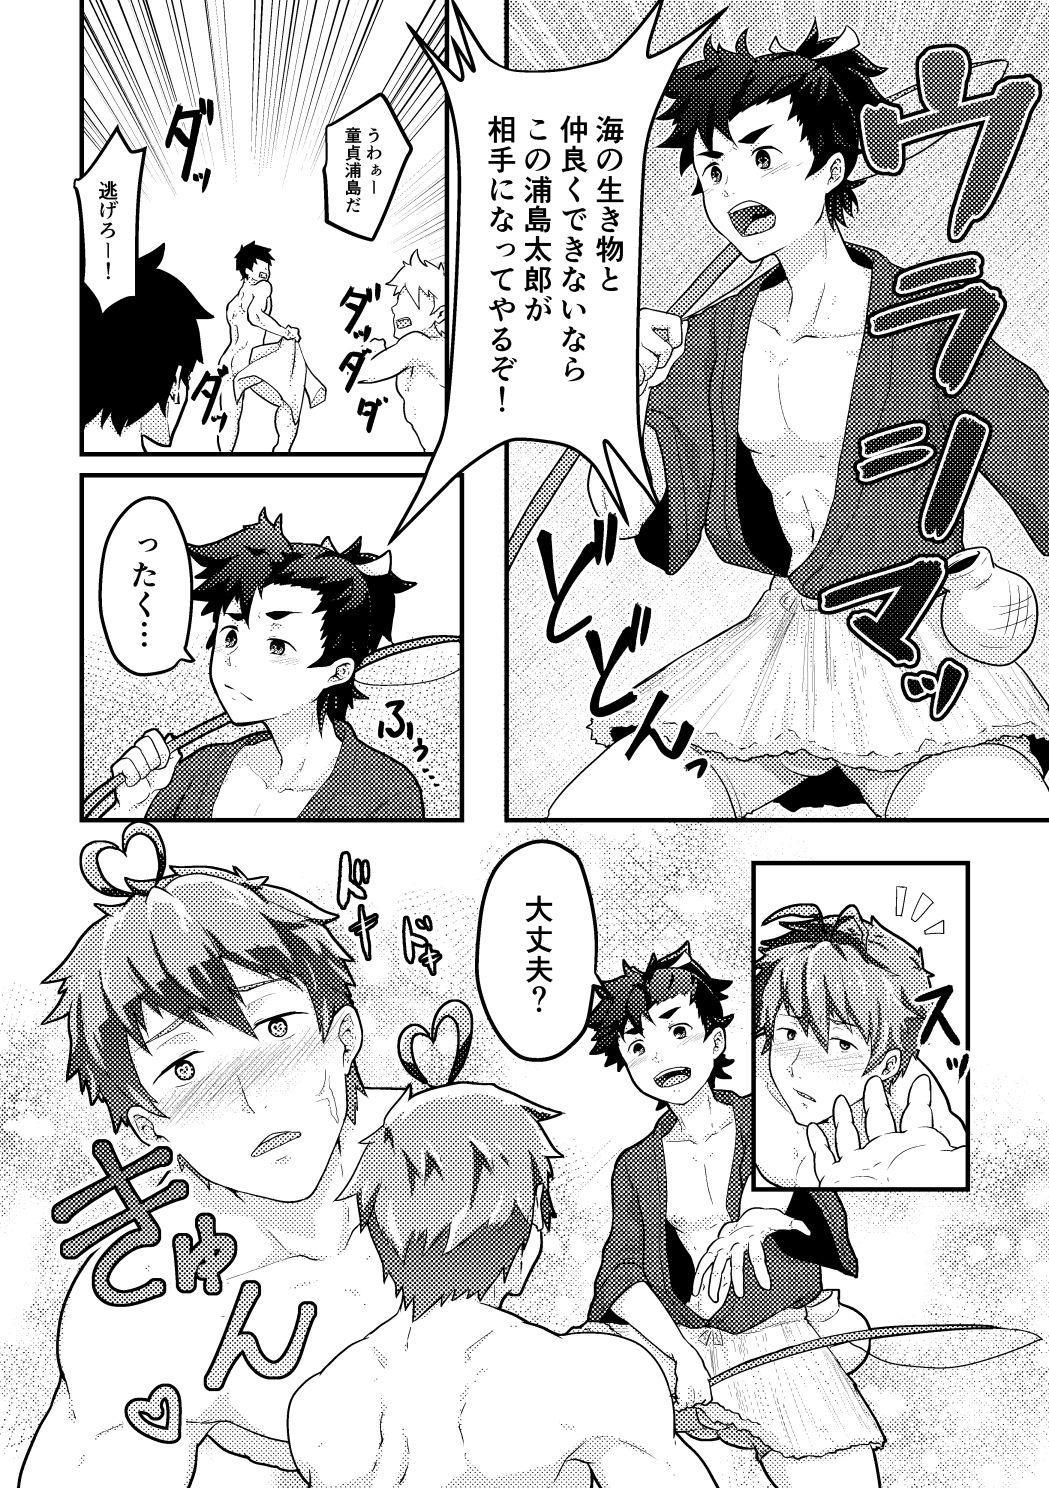 Urashimatarou 3